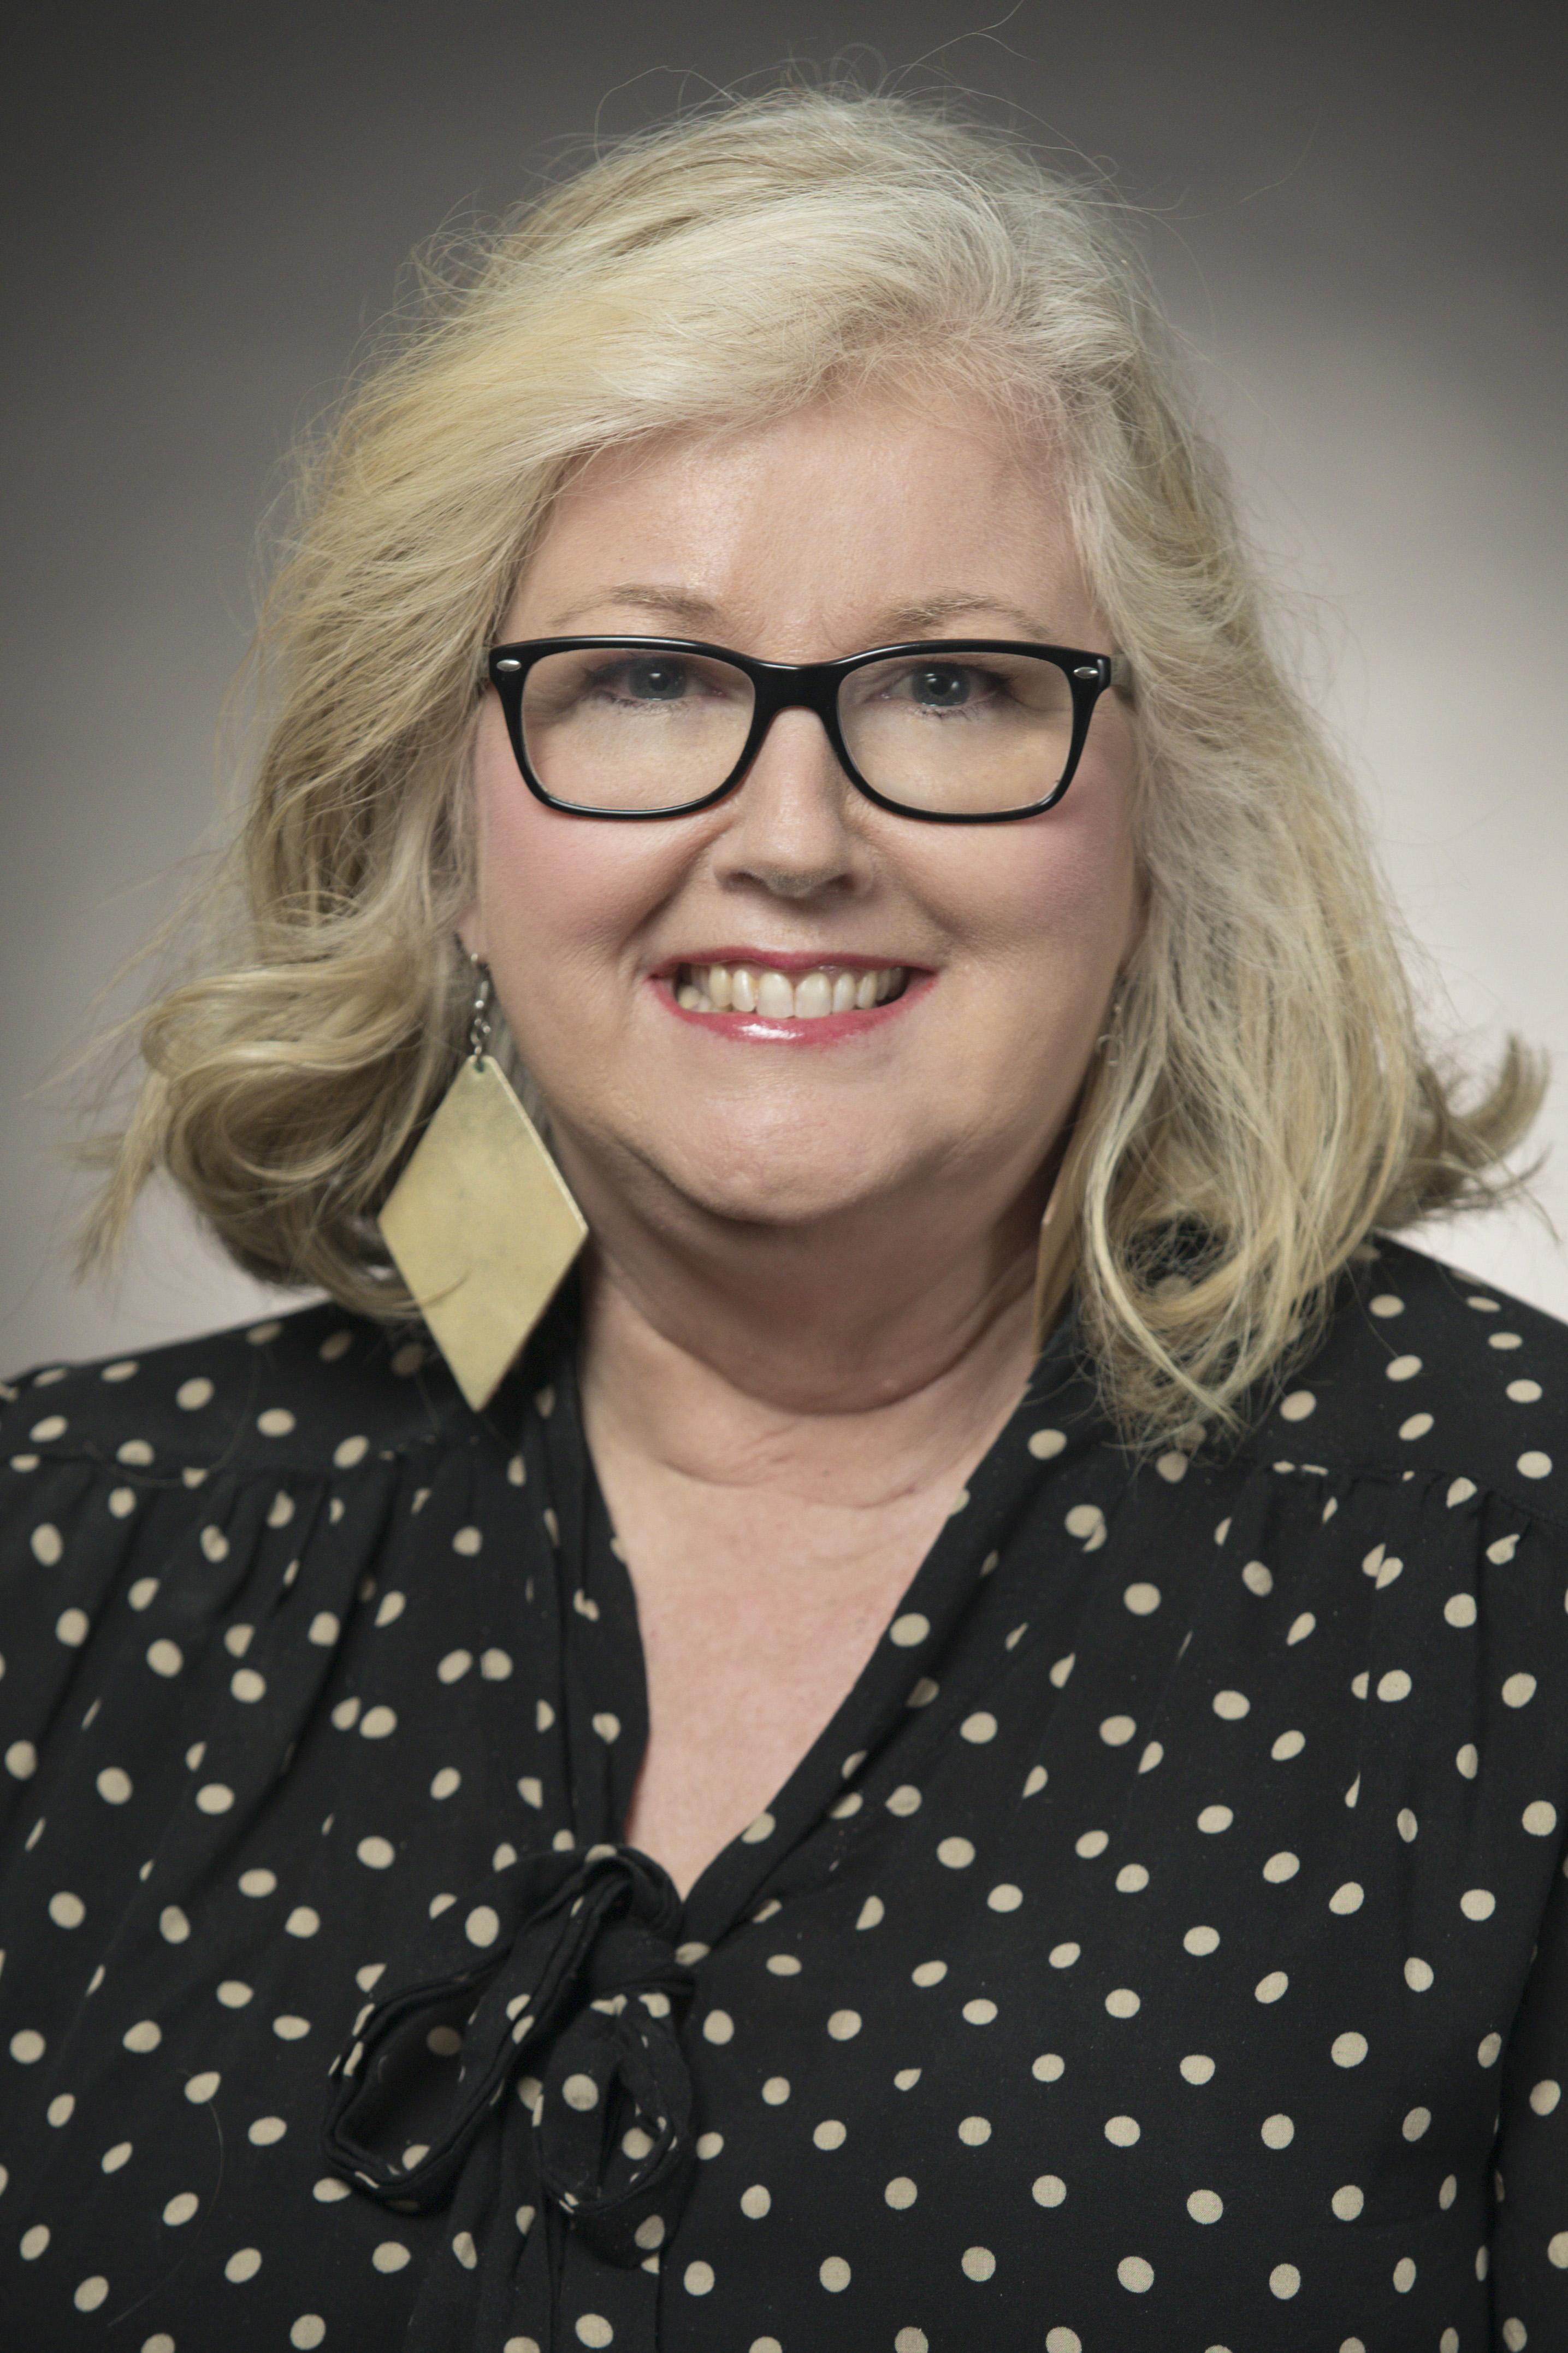 Photo of Bridget Smith